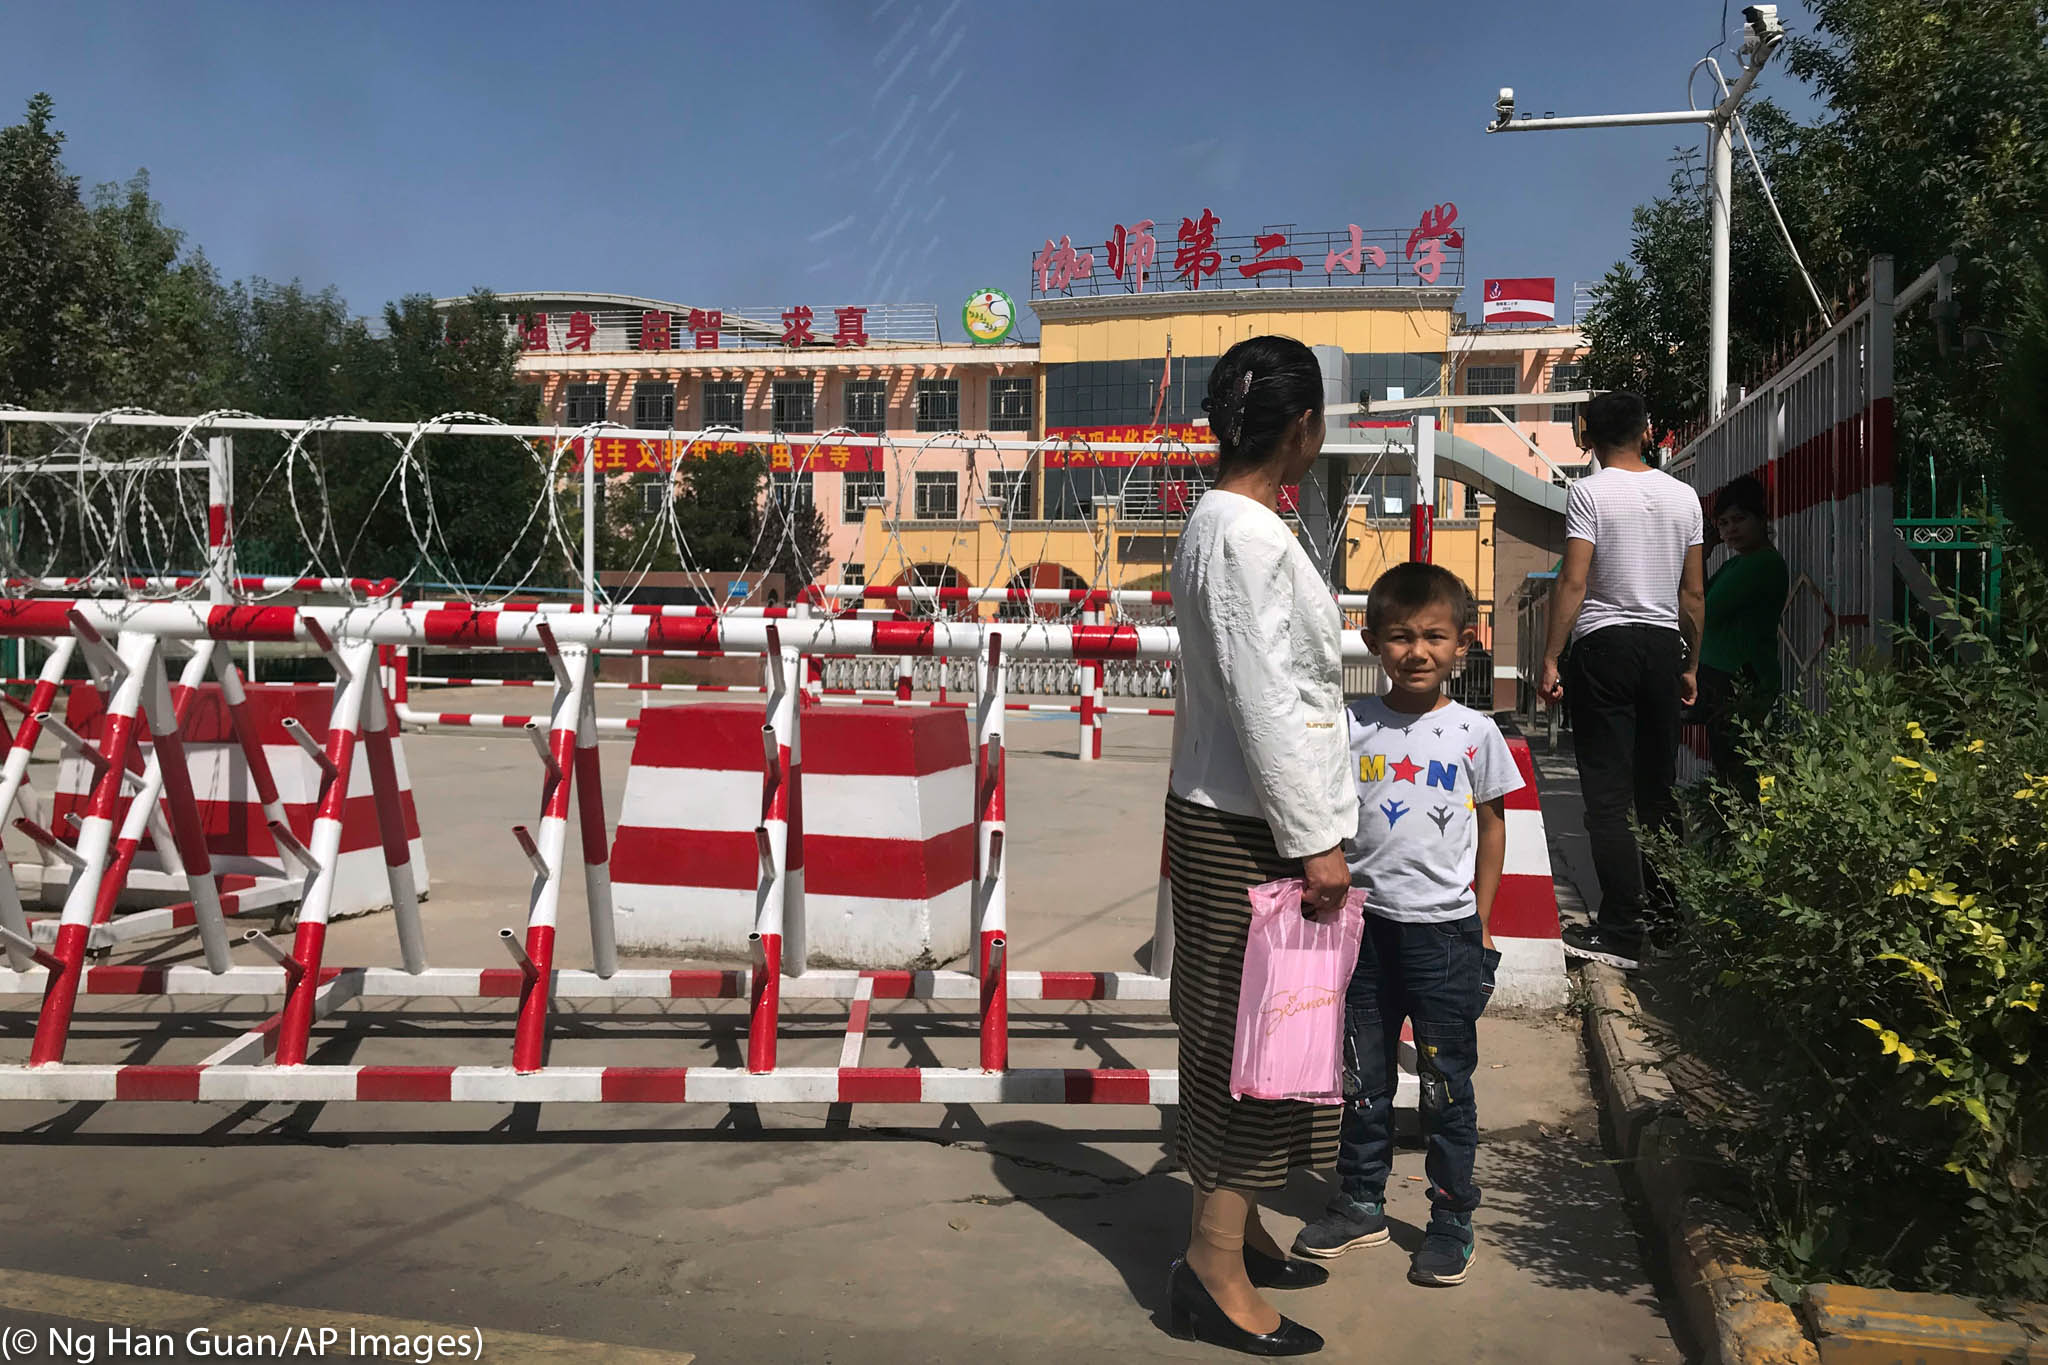 Une femme et un enfant devant une école protégée par des barrières et des barbelés (© Ng Han Guan/AP Images)